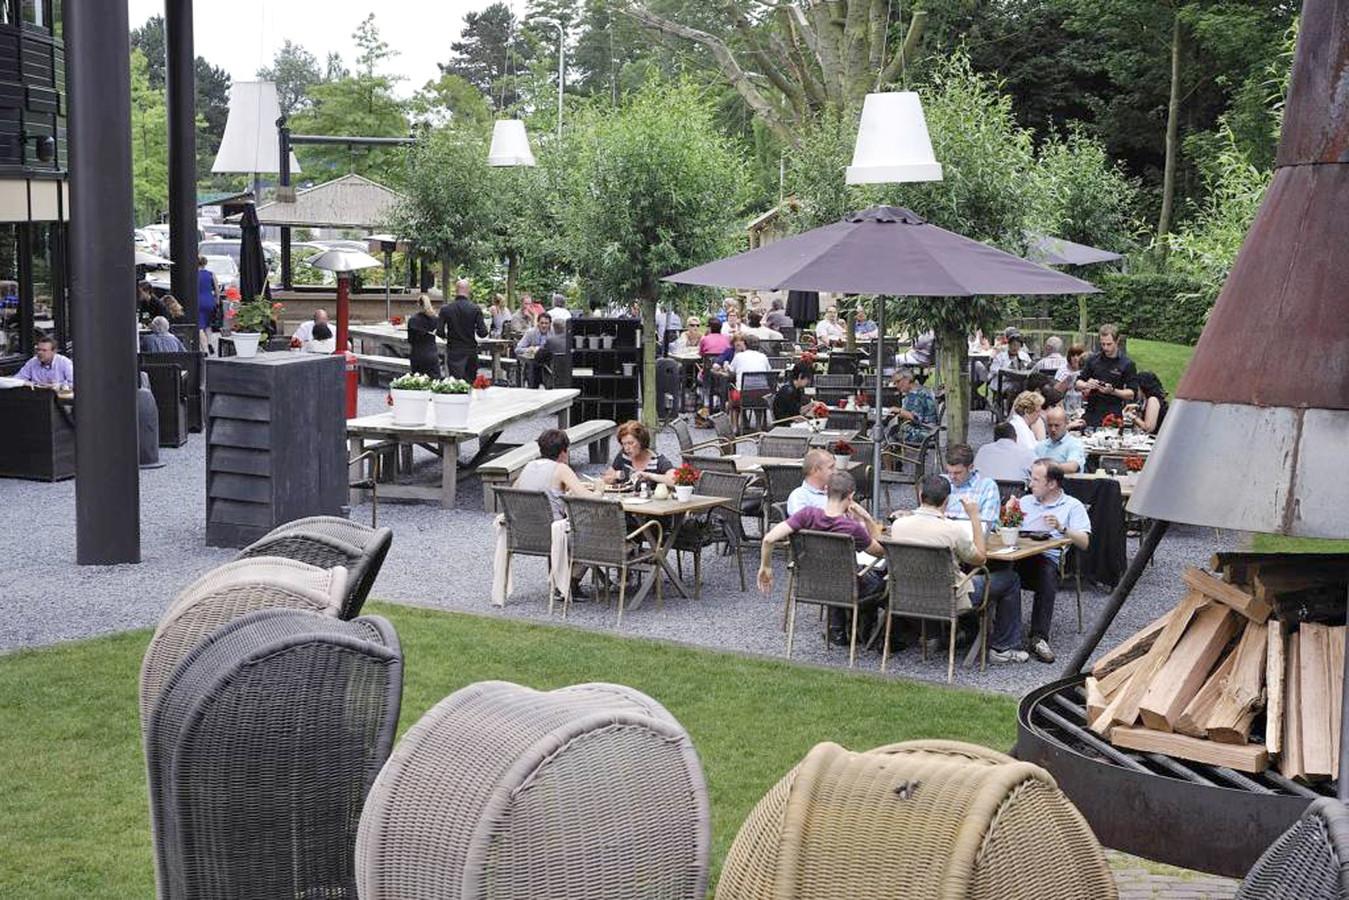 Het hooihuis roosendaal heeft het beste terras van 2016 foto - Model van het terras ...